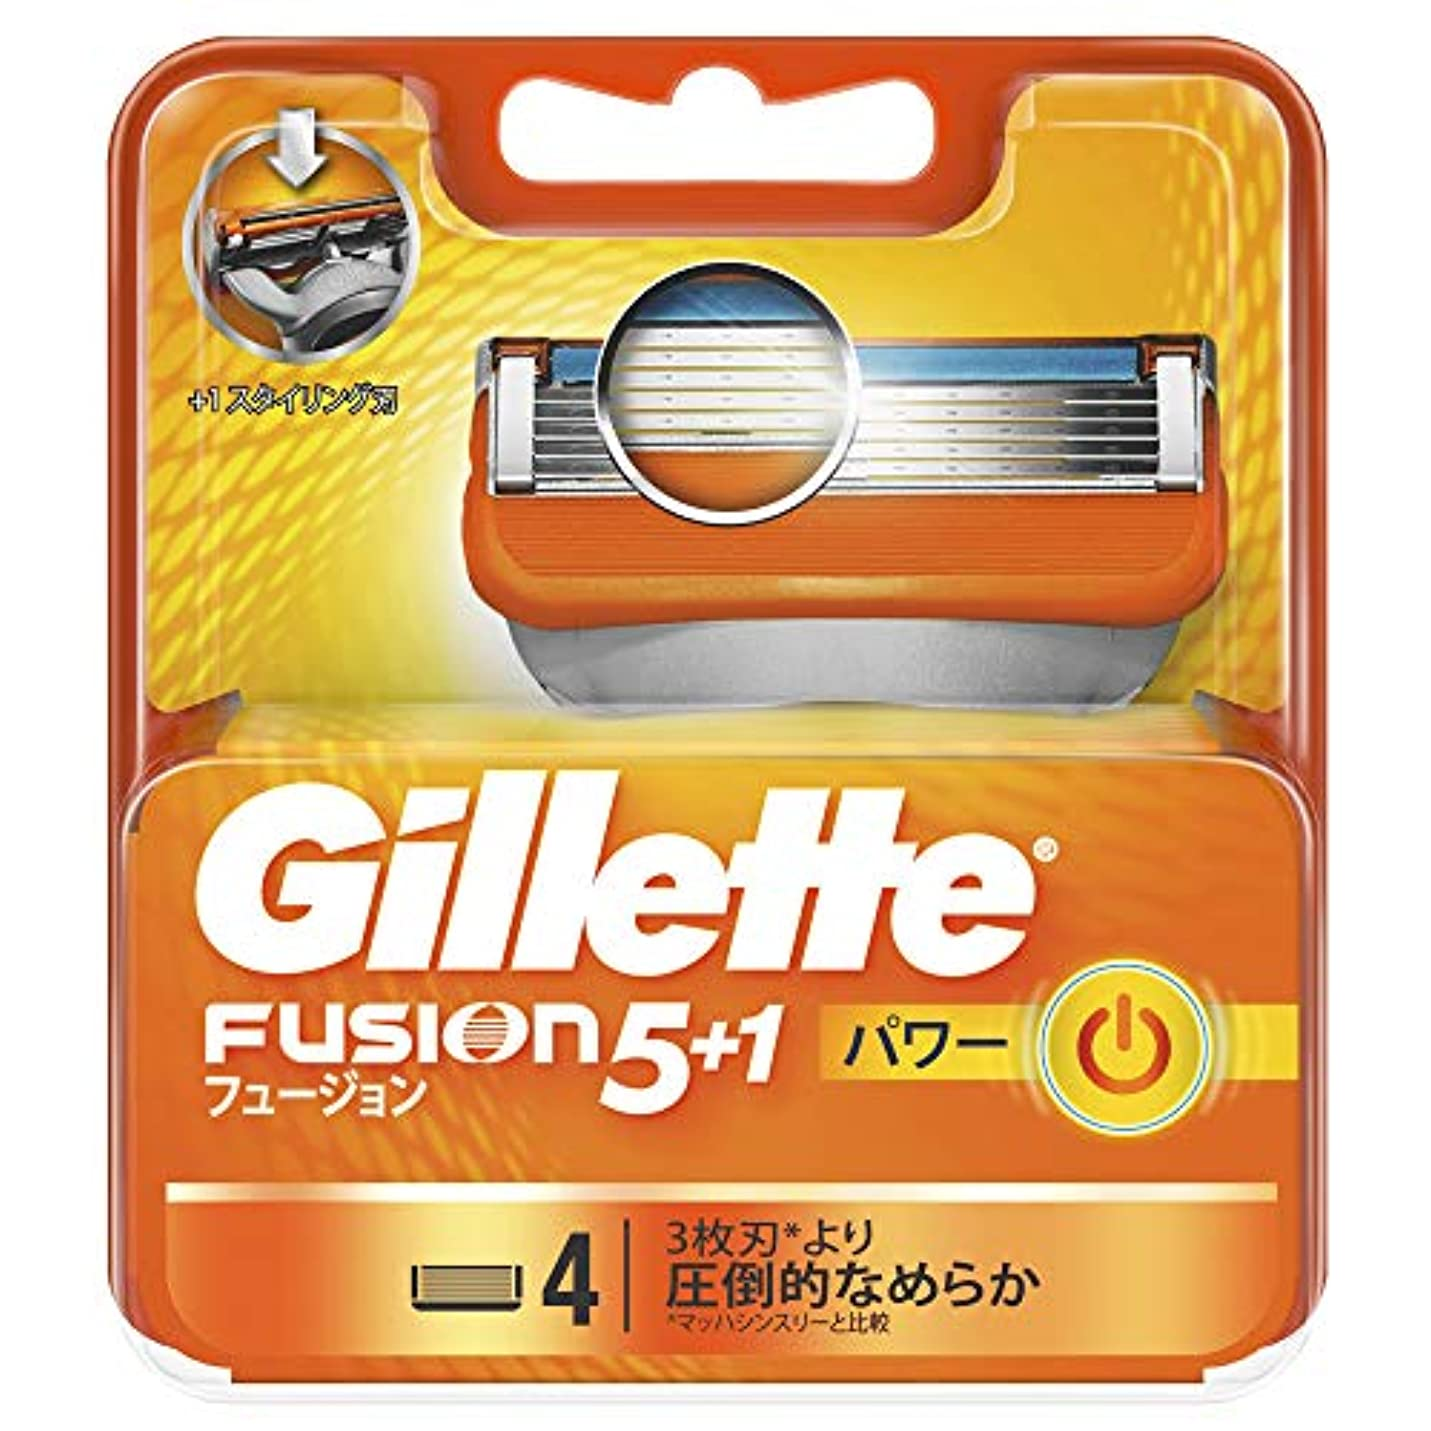 批判的喪高音ジレット 髭剃り フュージョン 5+1 パワー 替刃4個入